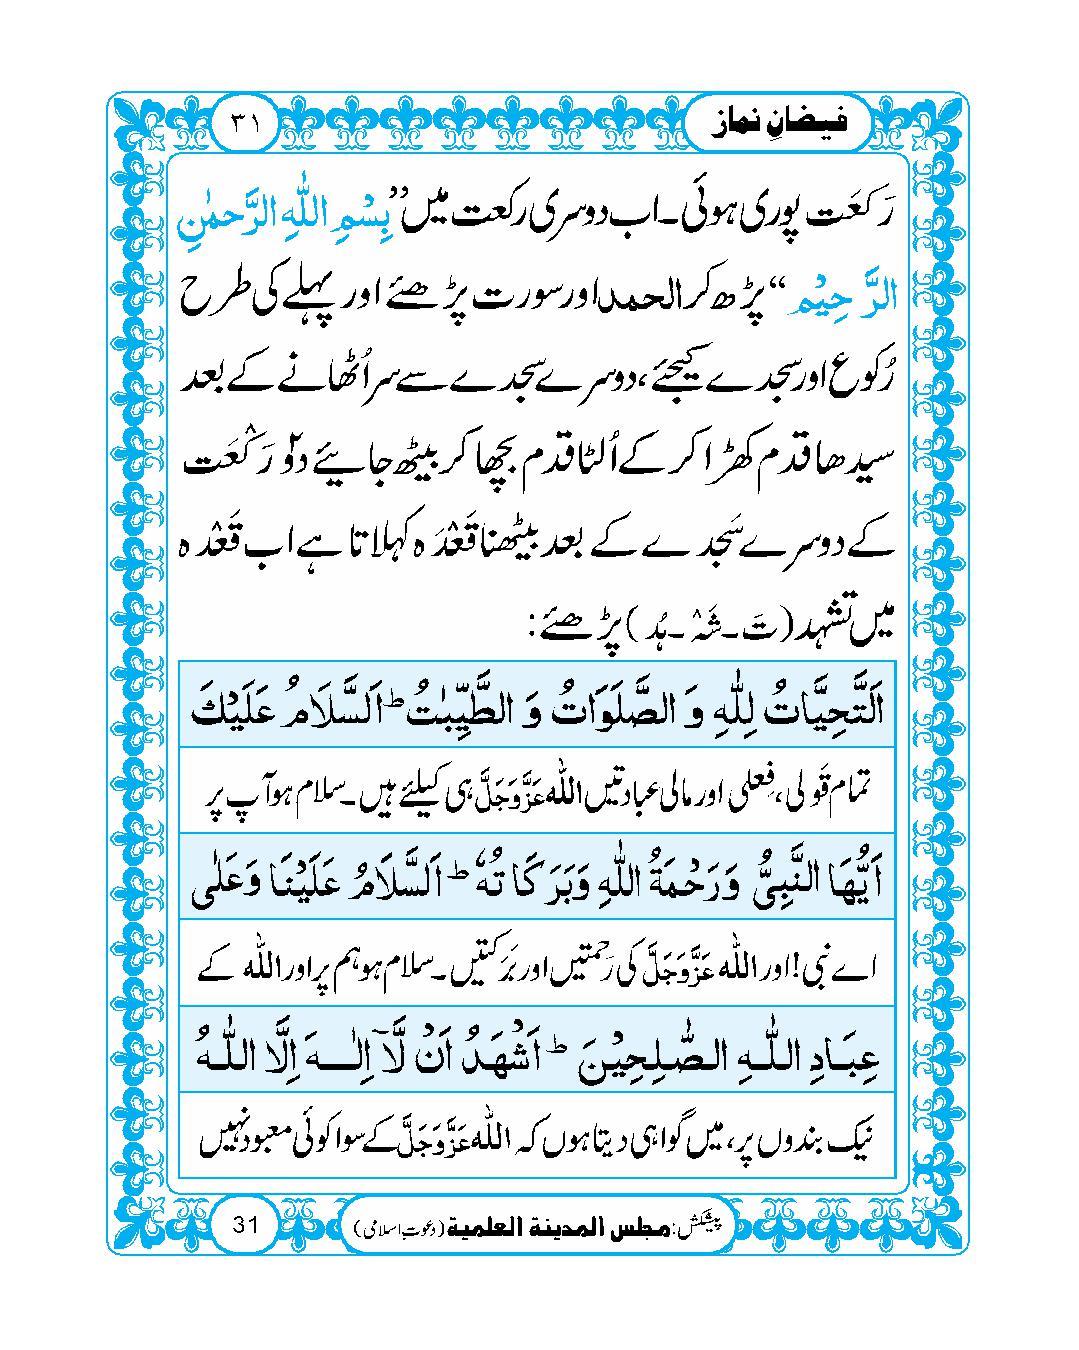 page No 31